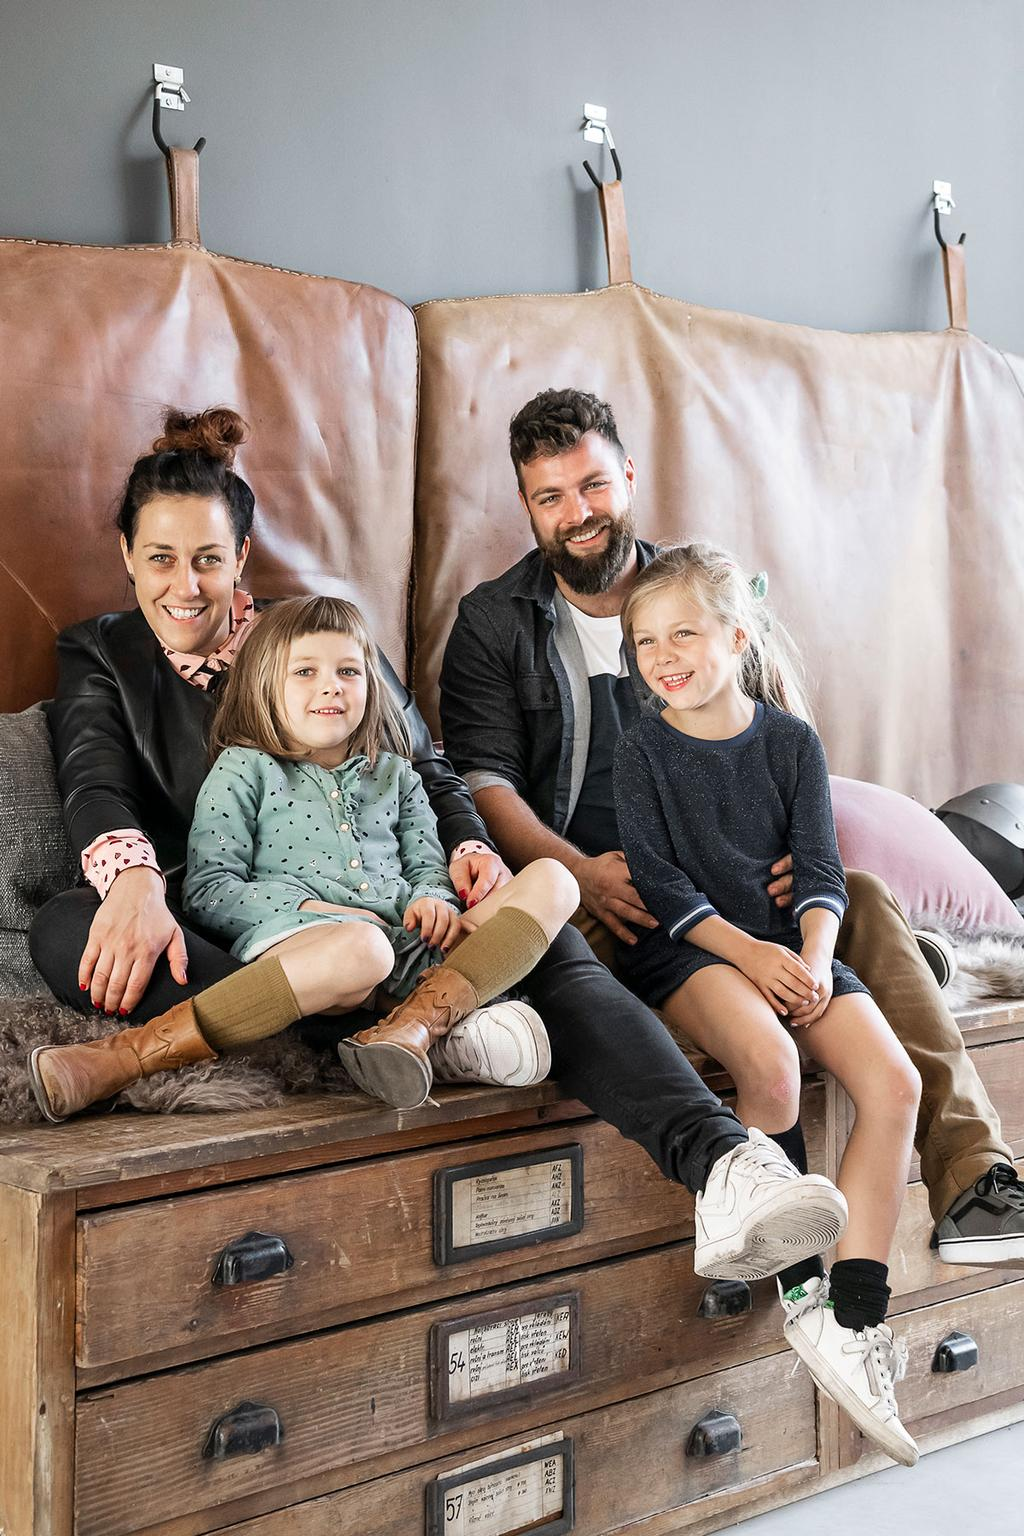 Loes & Kim uit afleverin 1 van 'Een frisse start met vtwonen' en hun kinderen.